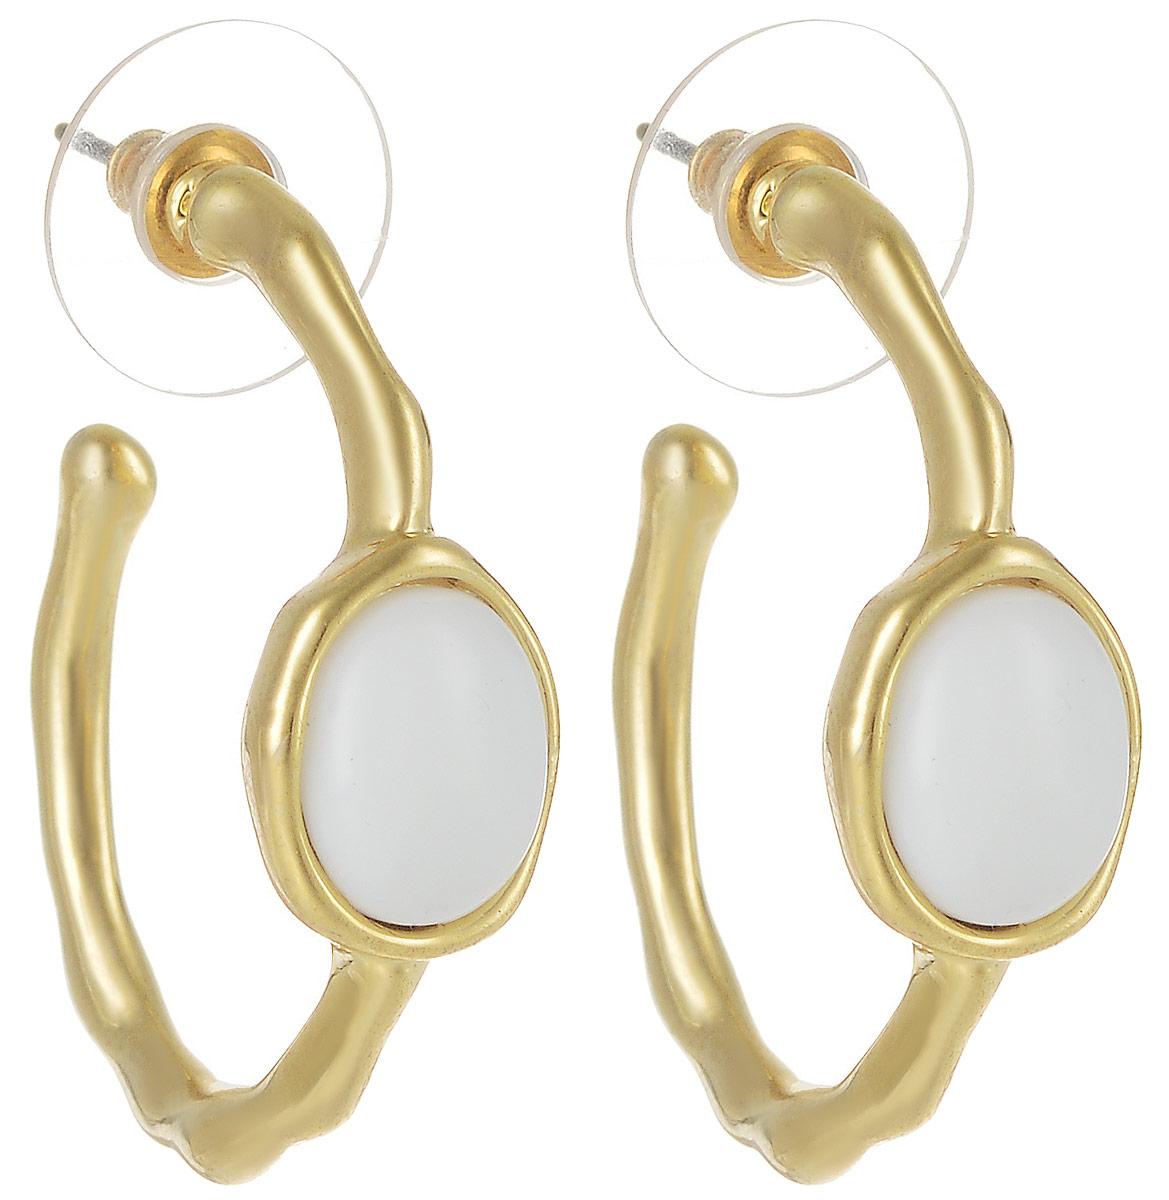 Серьги Art-Silver, цвет: золотой. М5078-405Серьги с подвескамиСтильные серьги Art-Silver выполнены из бижутерного сплава. Серьги оформлены оригинальными декоративными вставками. Серьги выполнены с замками-гвоздиками. Такие серьги будут ярким дополнением вашего образа.